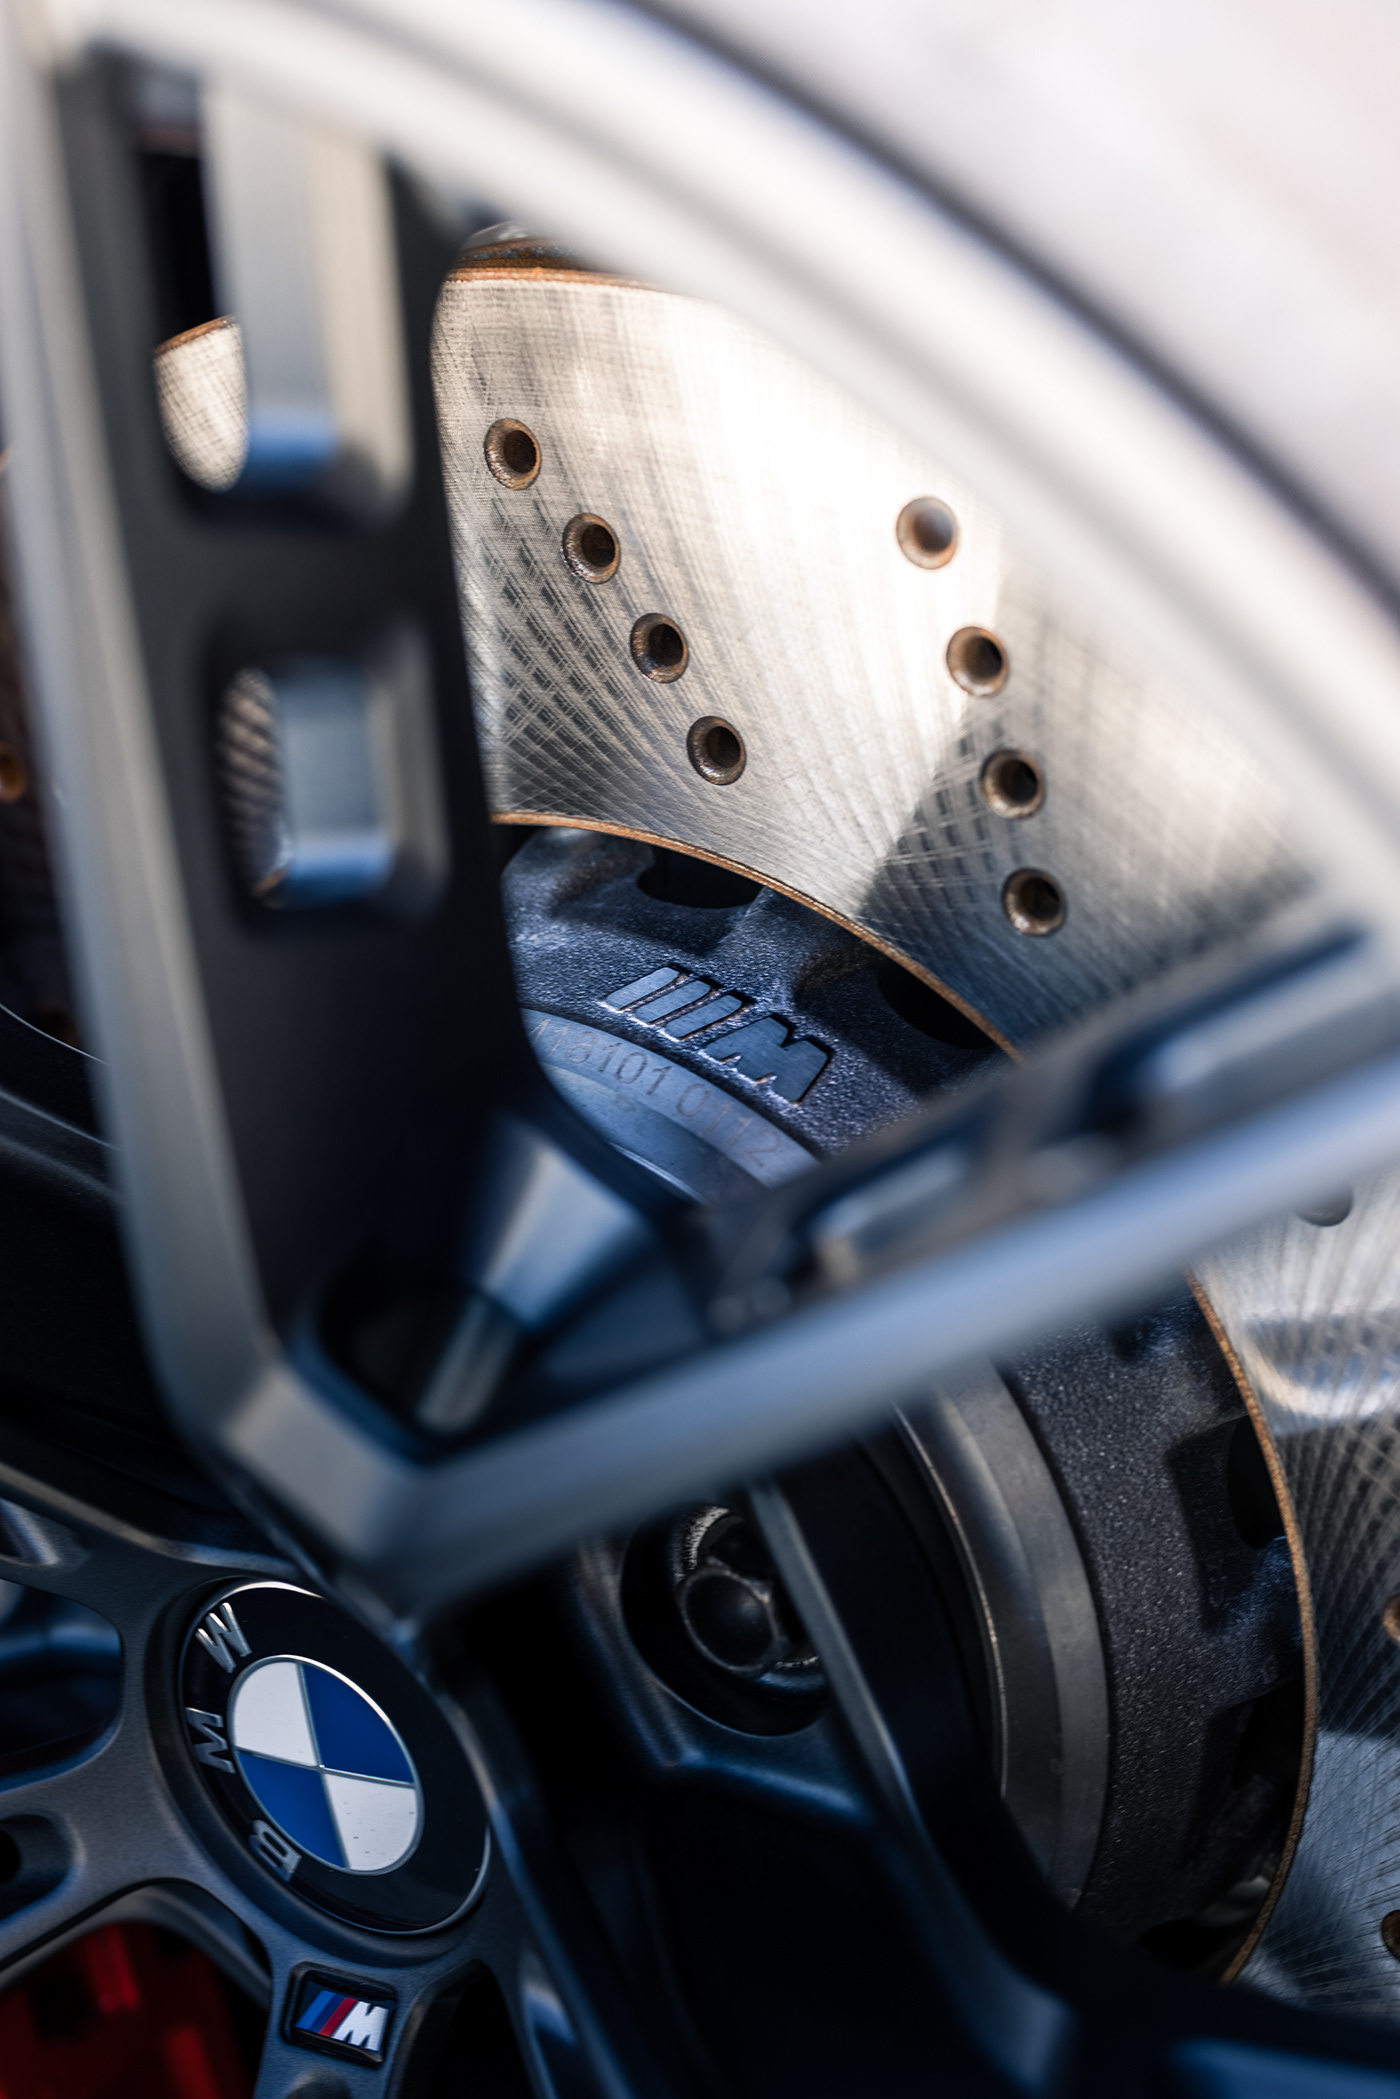 Auto automotive   BMW bmw m BMW M3 M3 Sportscar